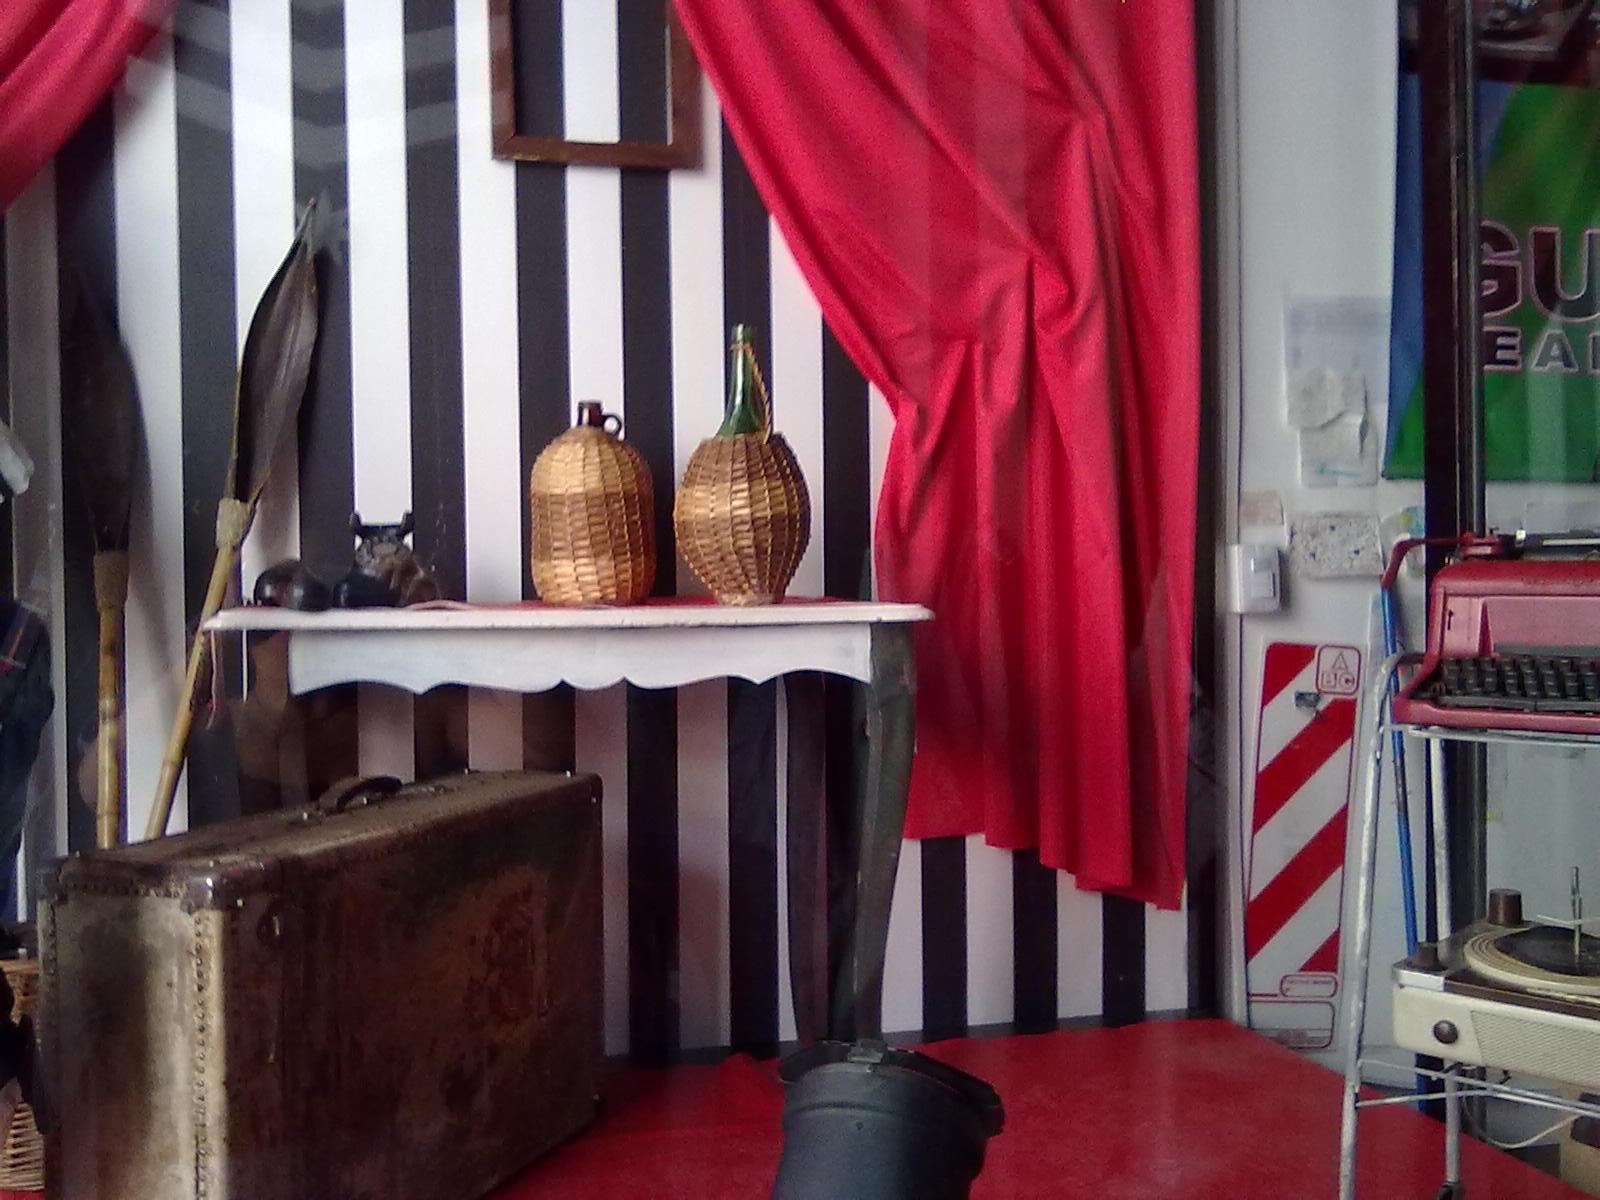 Decoracion y dise o decoracion de vidriera de local de ropa for Decoracion de interiores locales de ropa